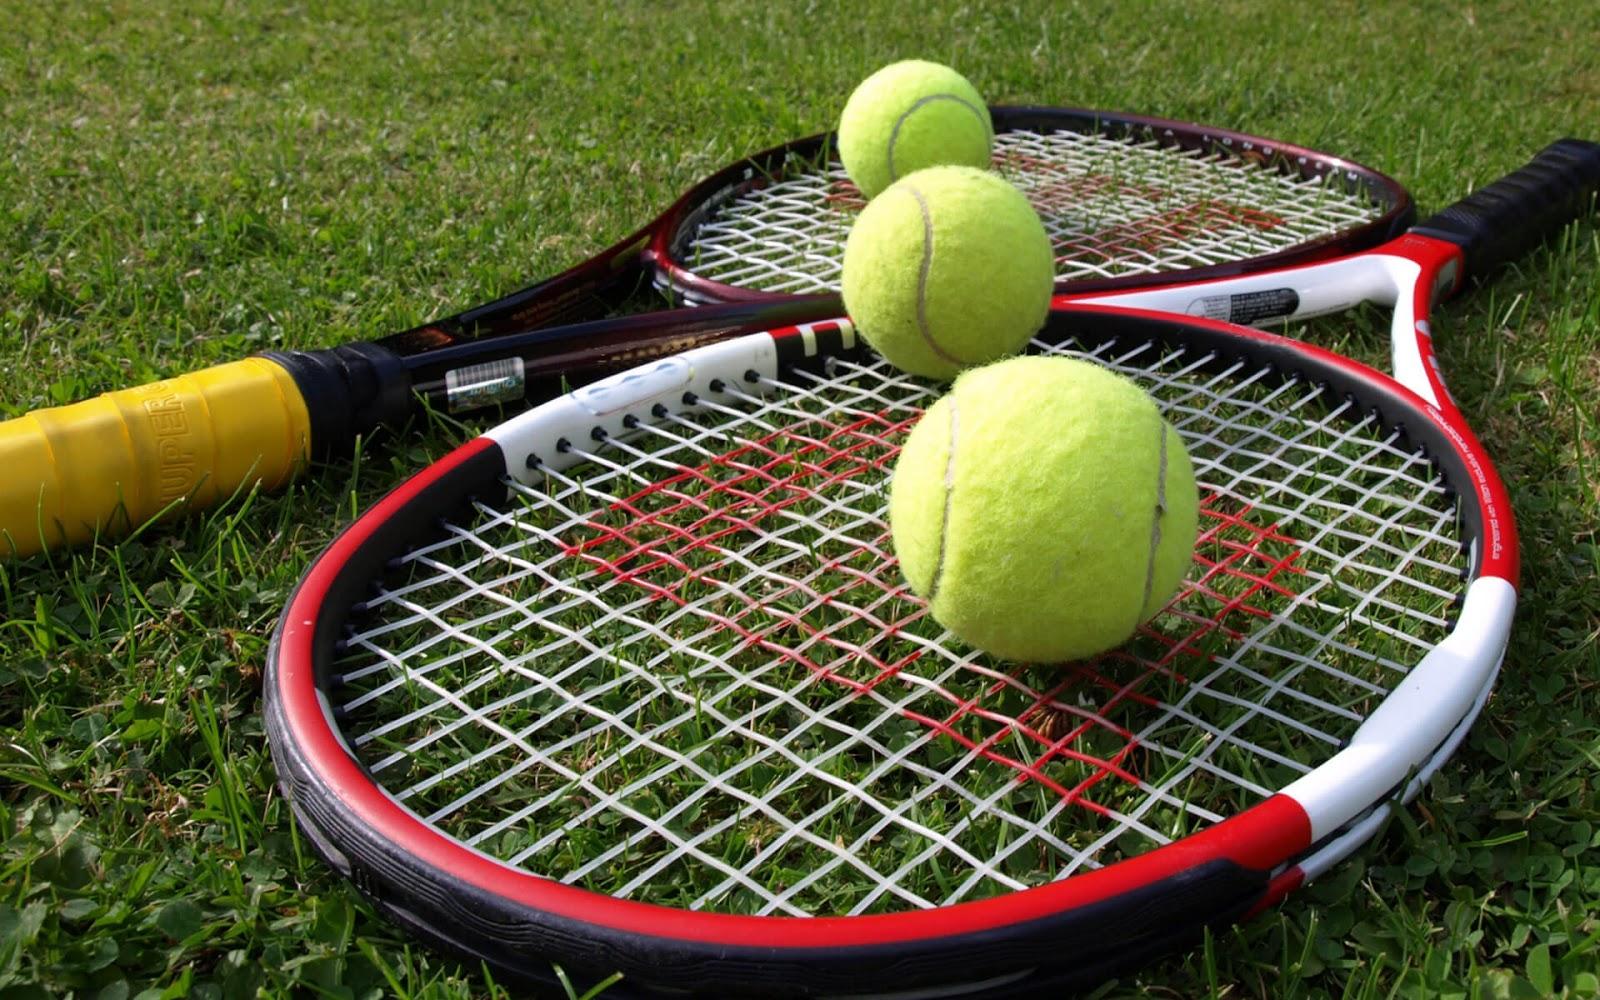 Cel mai vechi și renumit turneu de tenis a luat sfârșit!